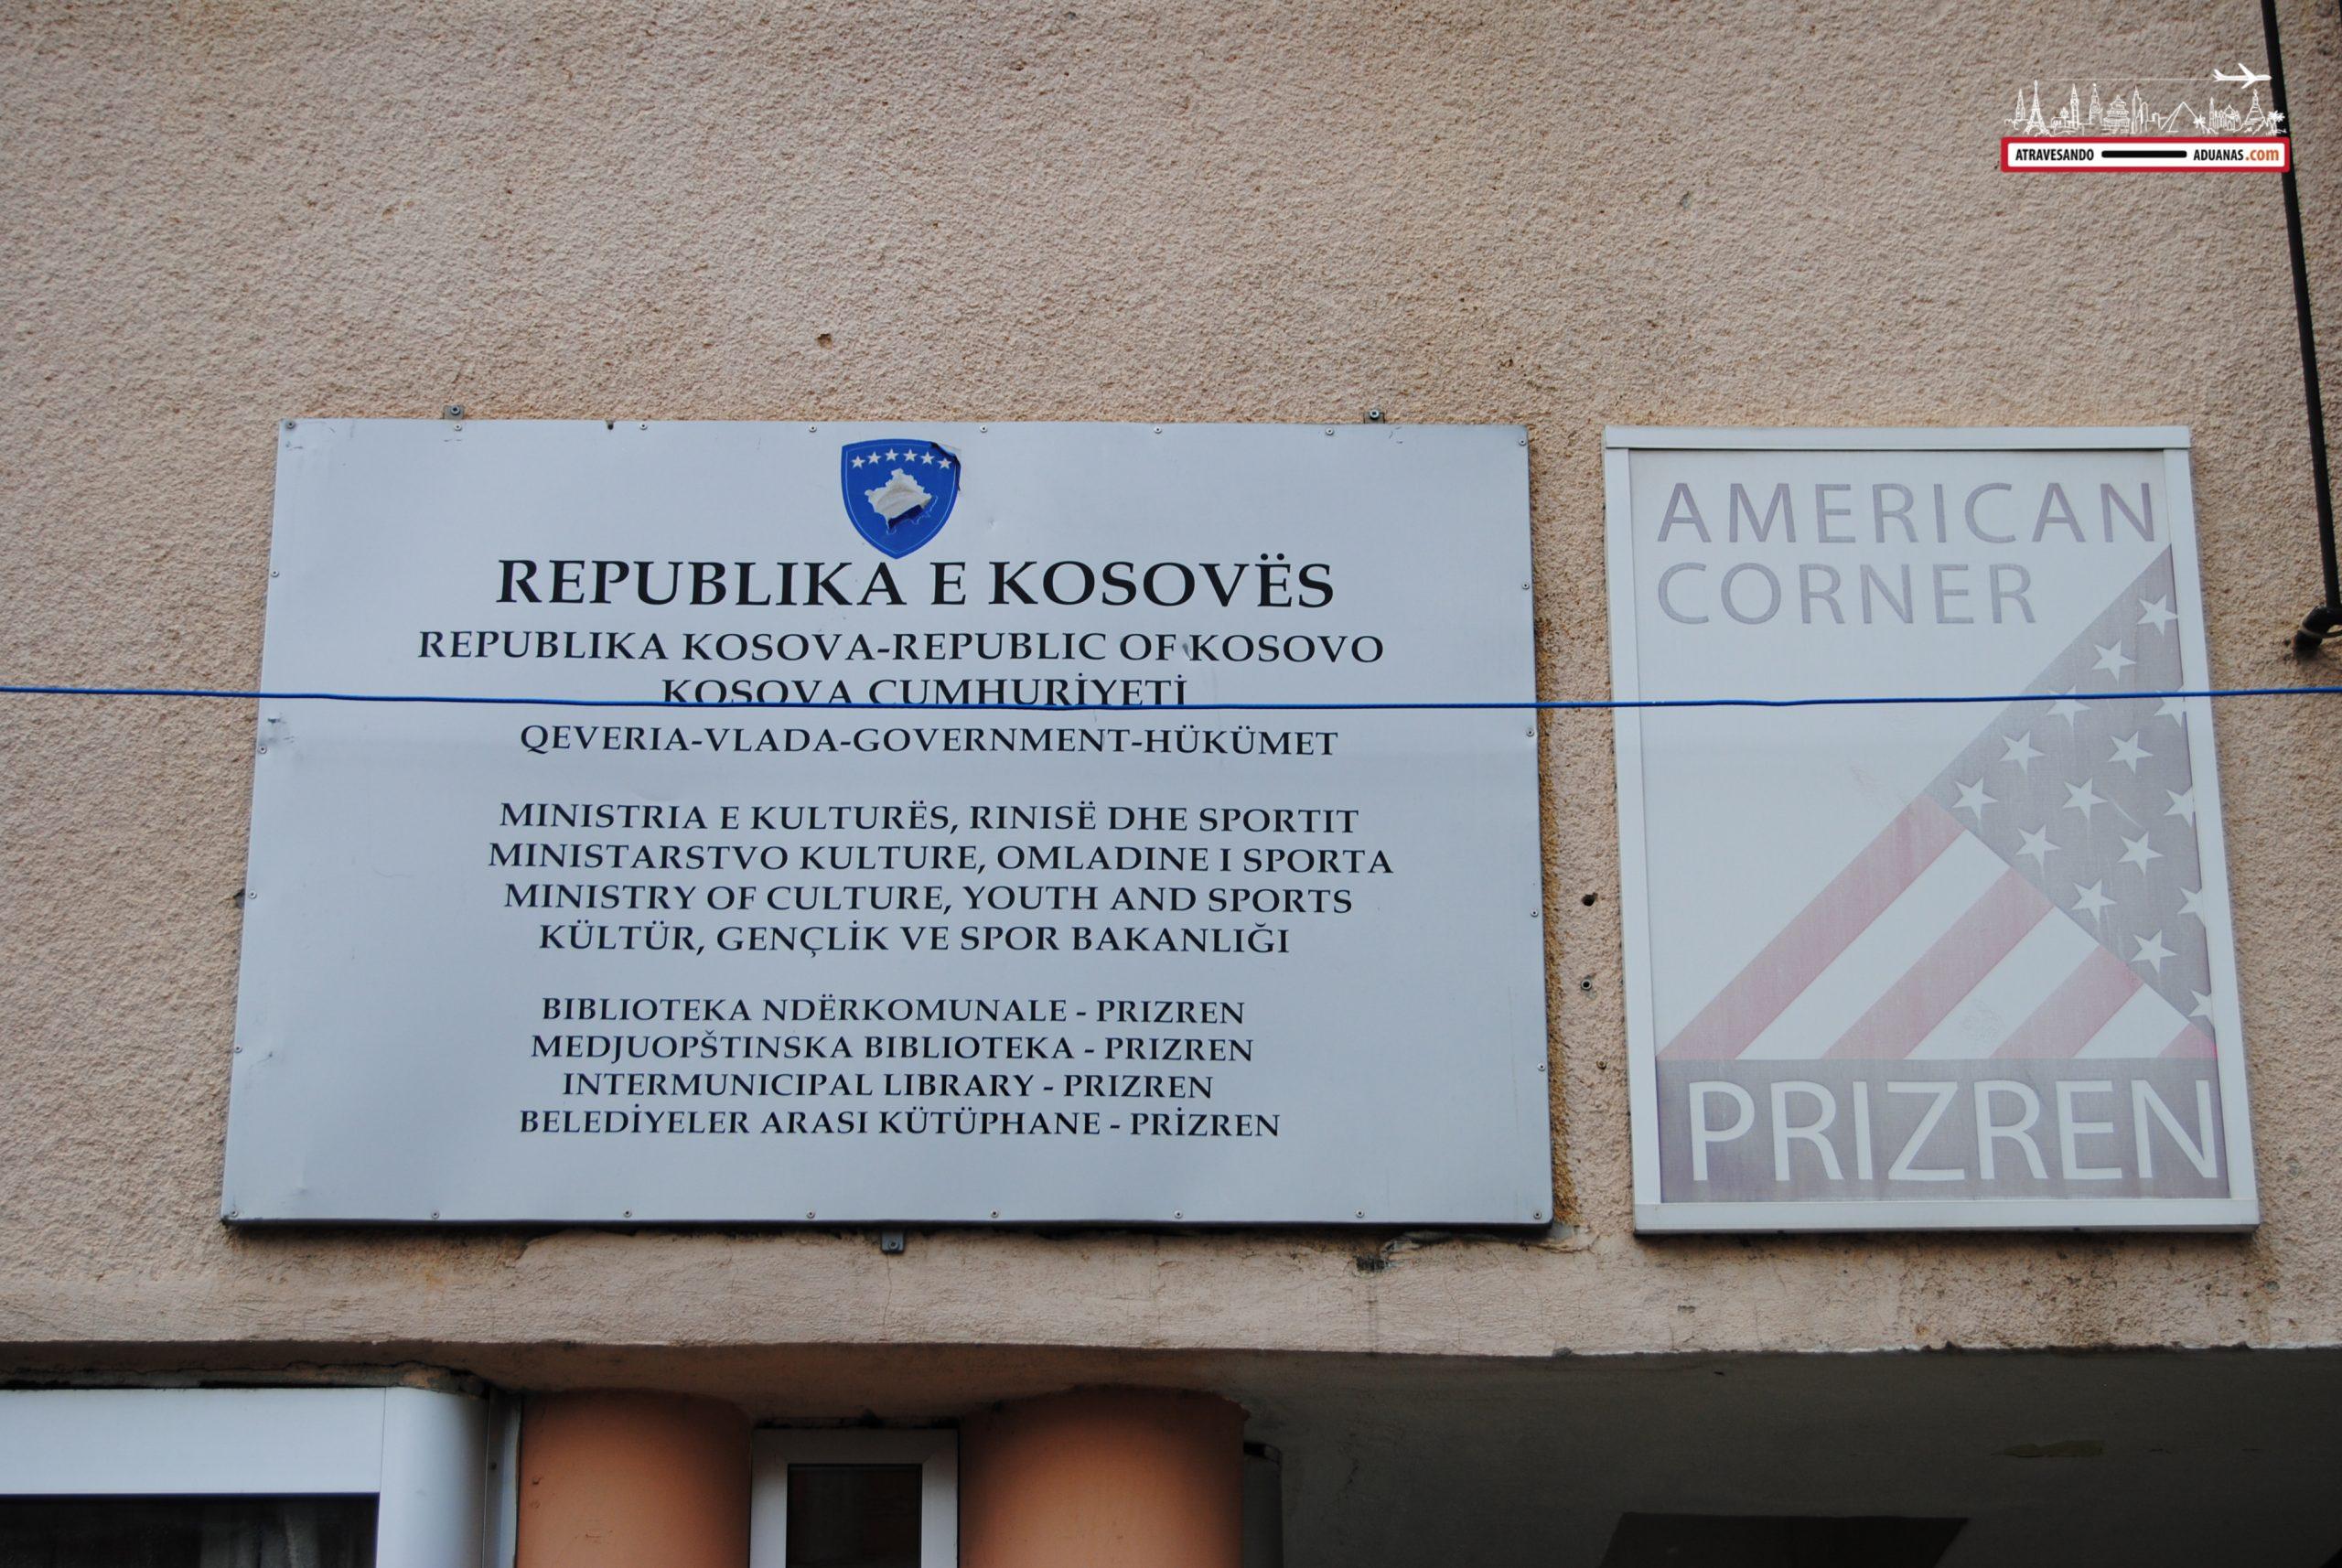 Cartel apelando a EEUU en Prizren